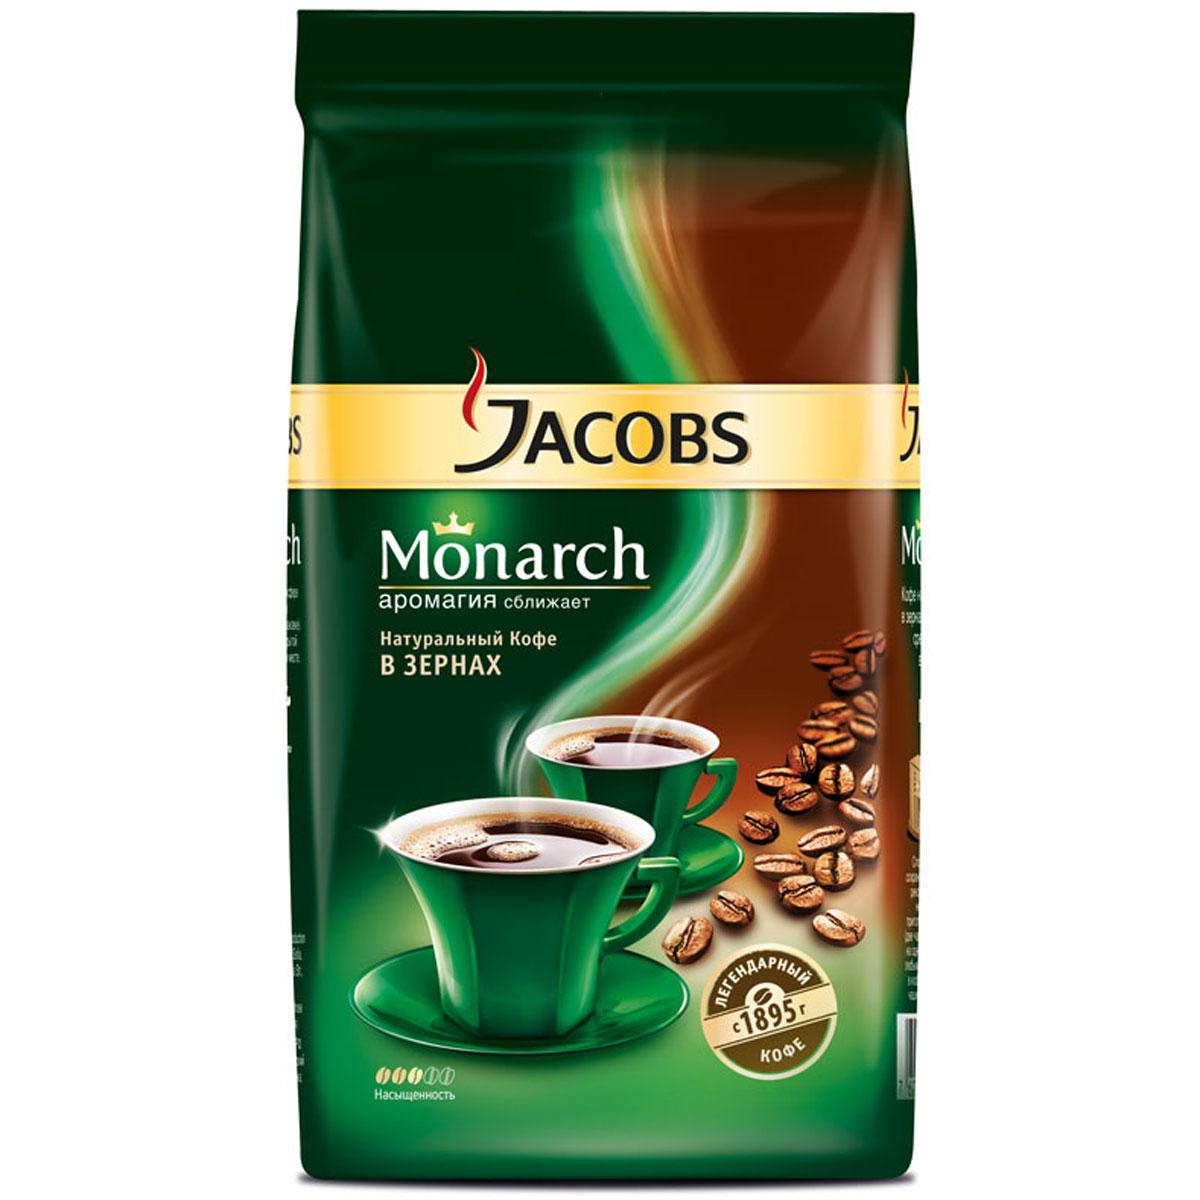 Jacobs Monarch кофе в зернах, 250 г548384Отборные зерна Арабики из Колумбии и Центральной Америки и тщательная обжарка - это секрет подлинной крепости и притягательного аромата кофе Jacobs Monarch. Заварите кофе Jacobs Monarch и почувствуйте, как его притягательный аромат окружает вас и создает особую атмосферу теплоты общения с вашими близкими. Так рождается Аромагия кофе Jacobs Monarch.